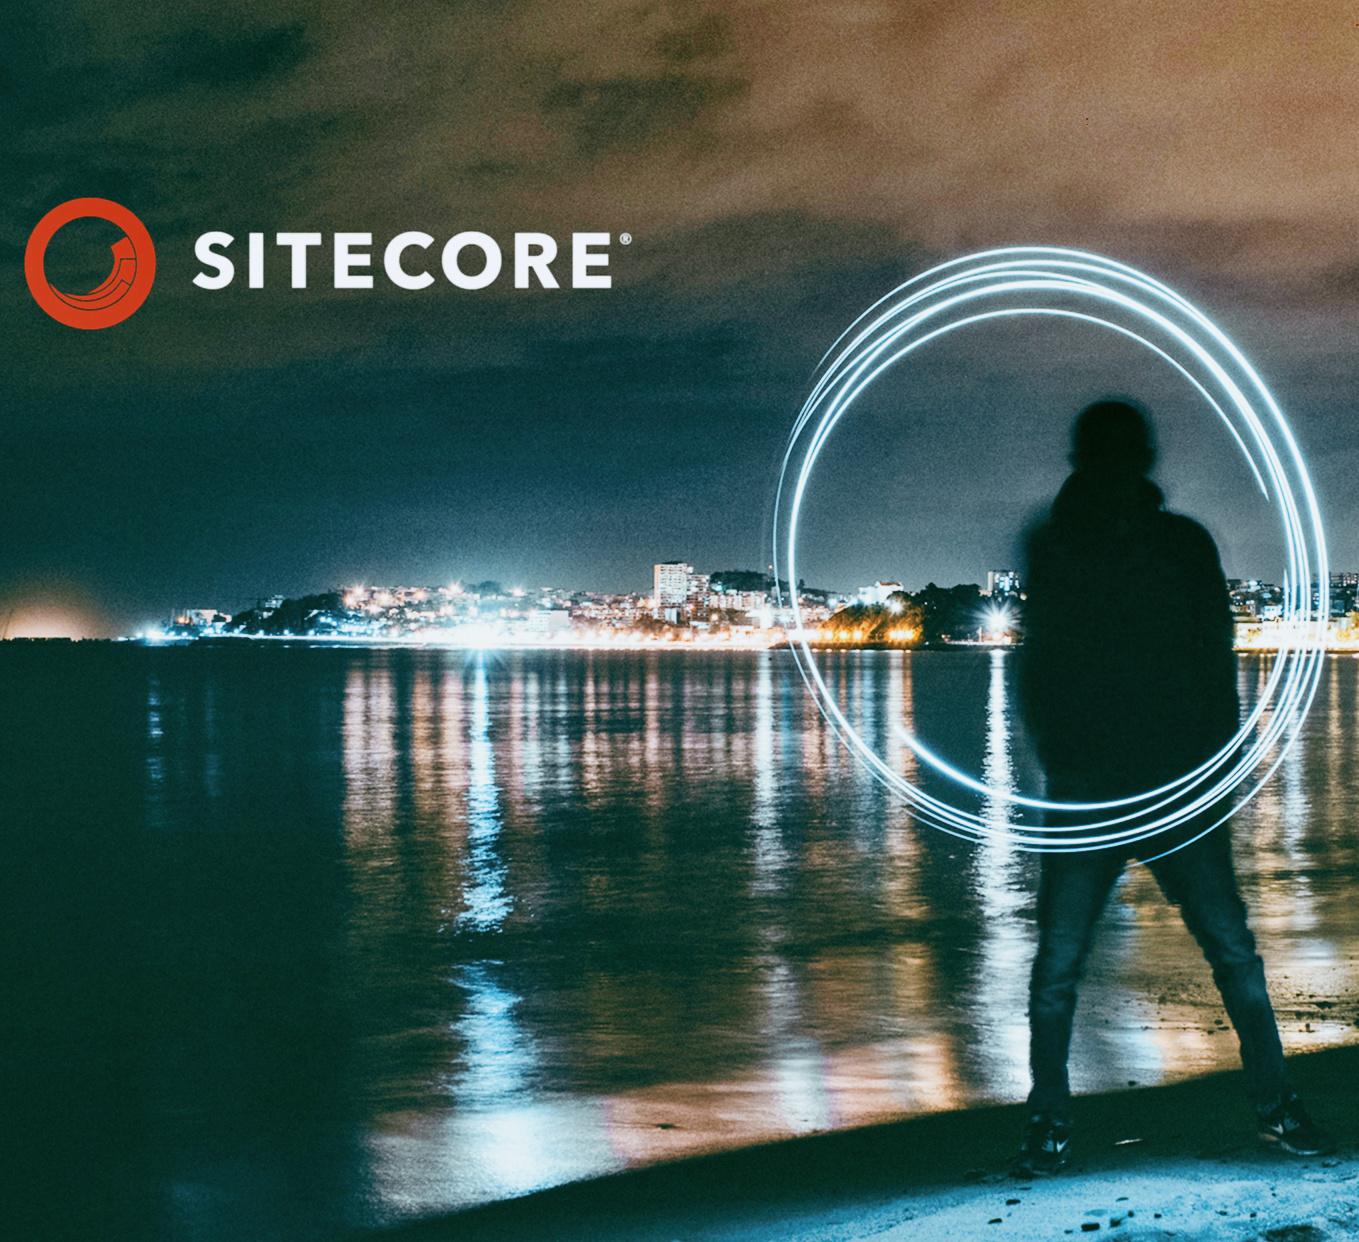 https://www.contentbloom.com/wp-content/uploads/2020/03/sitecore_content_crisis_cb.jpg